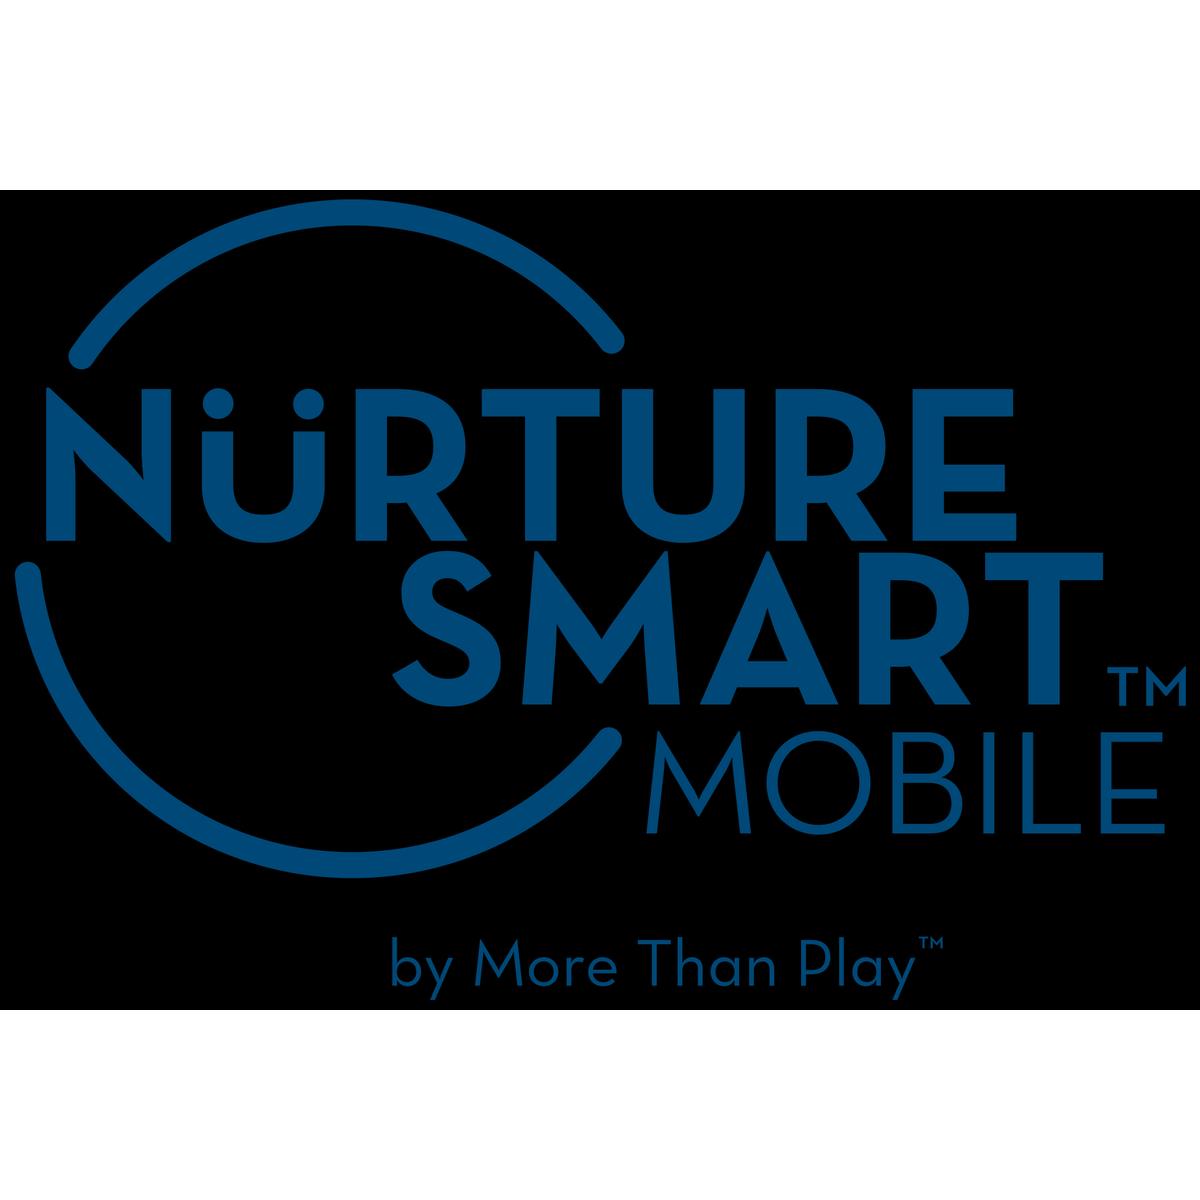 Nurture Smart